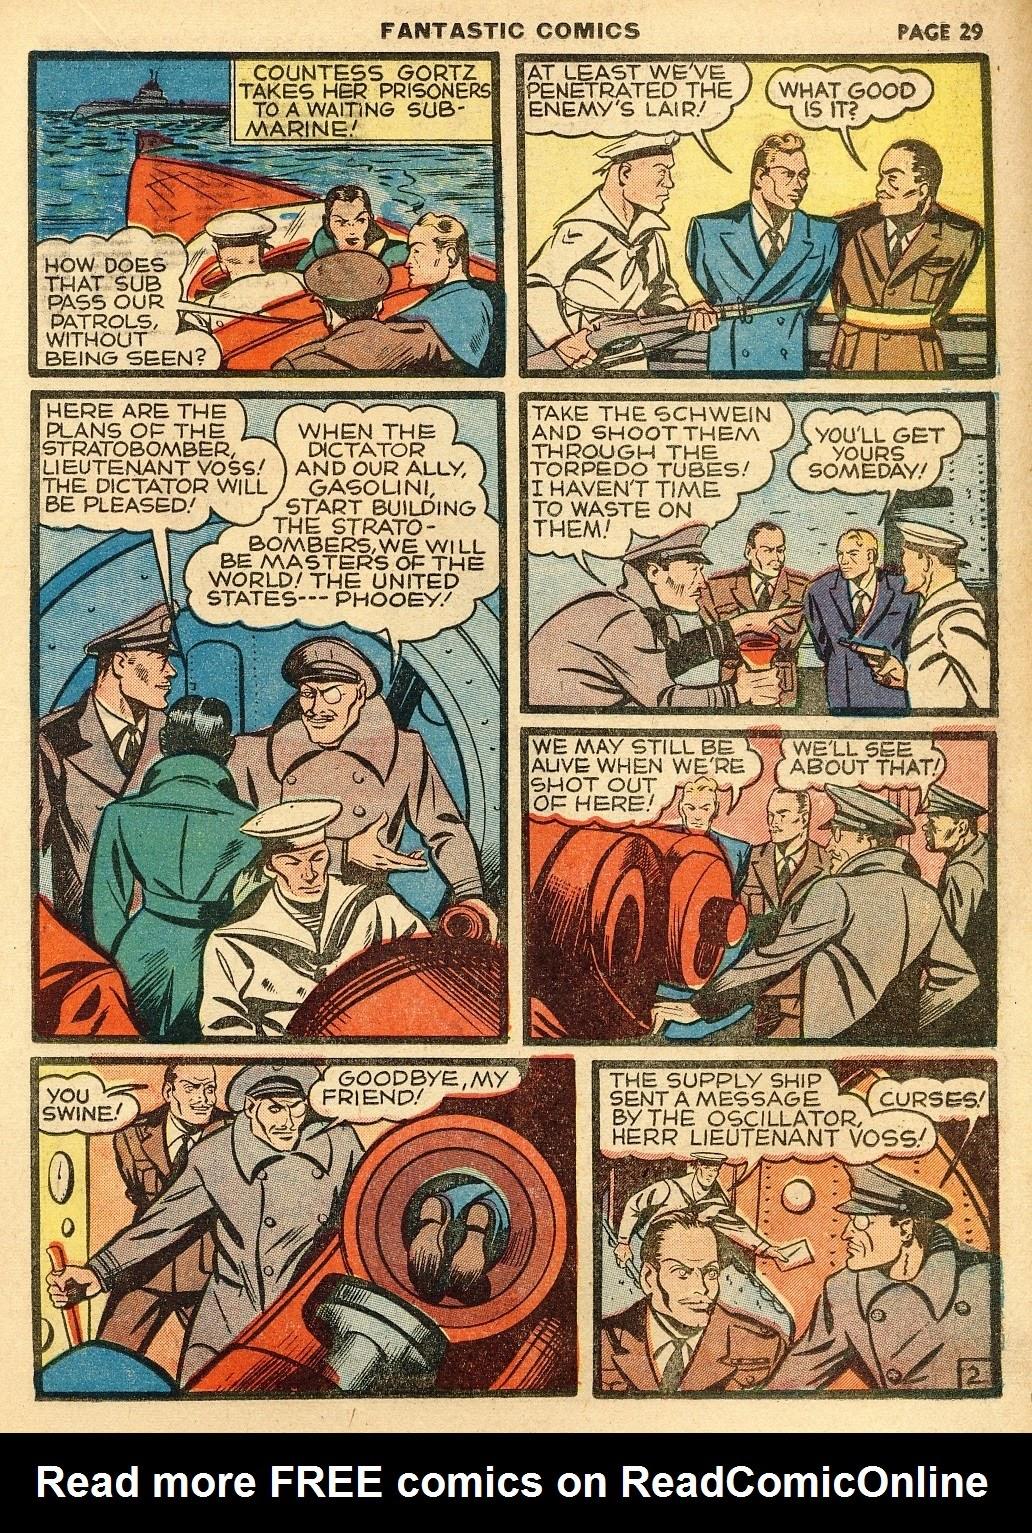 Read online Fantastic Comics comic -  Issue #10 - 30